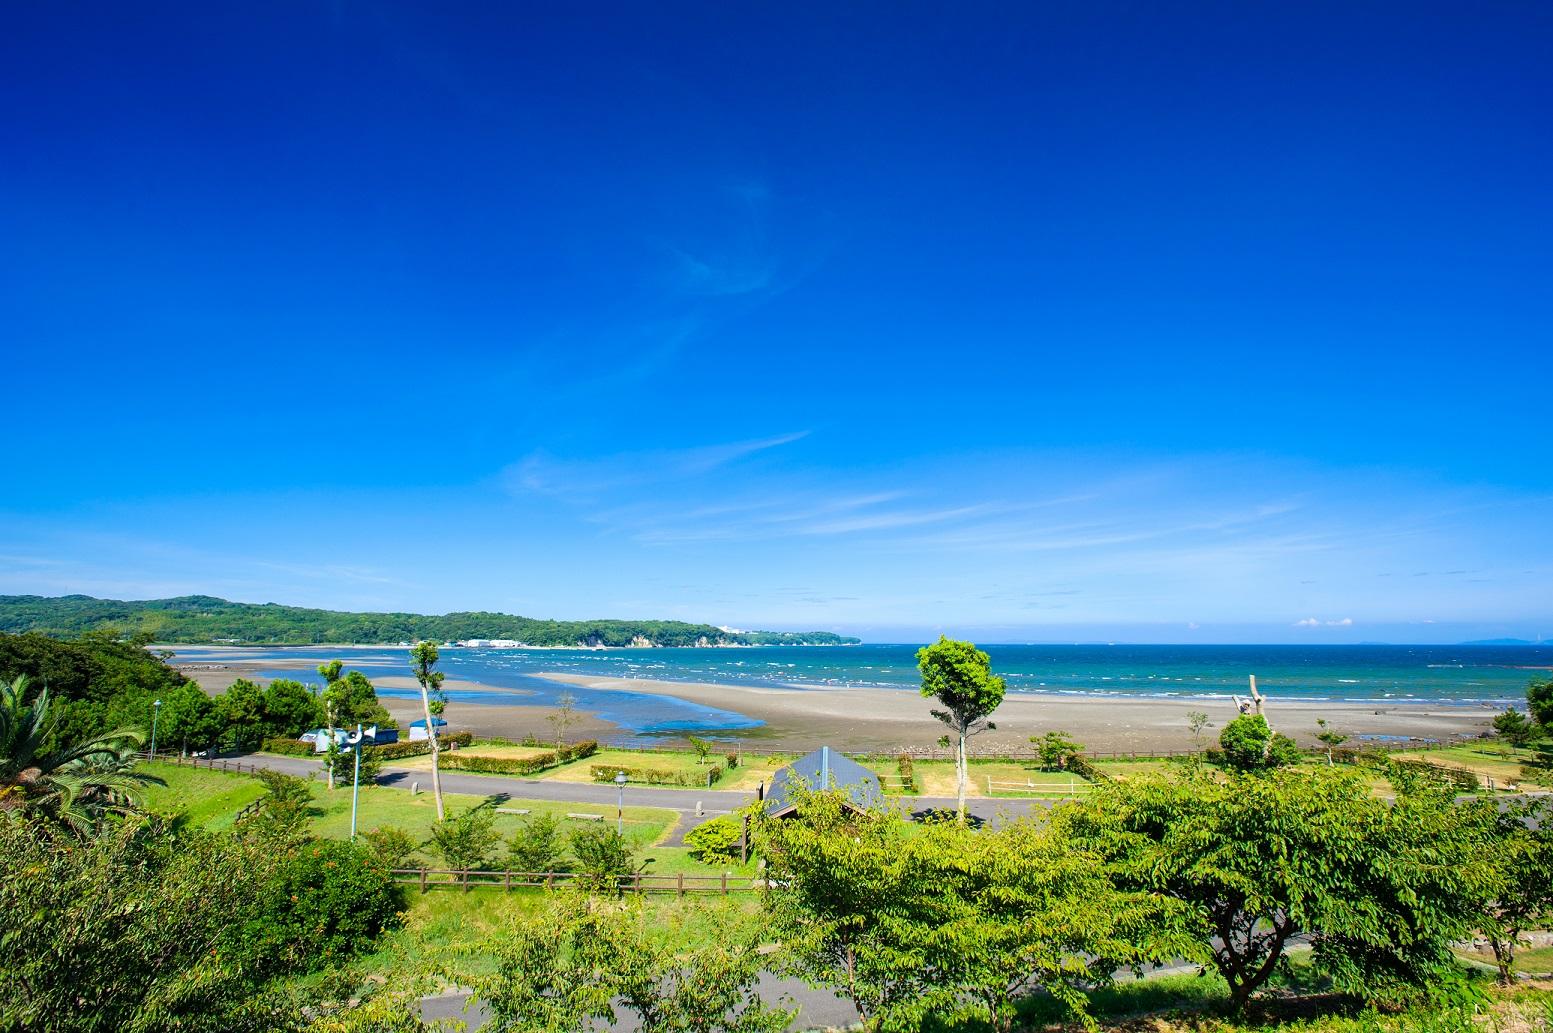 糸ヶ浜海浜公園|スポットを探す|ひじまち観光情報公式サイト